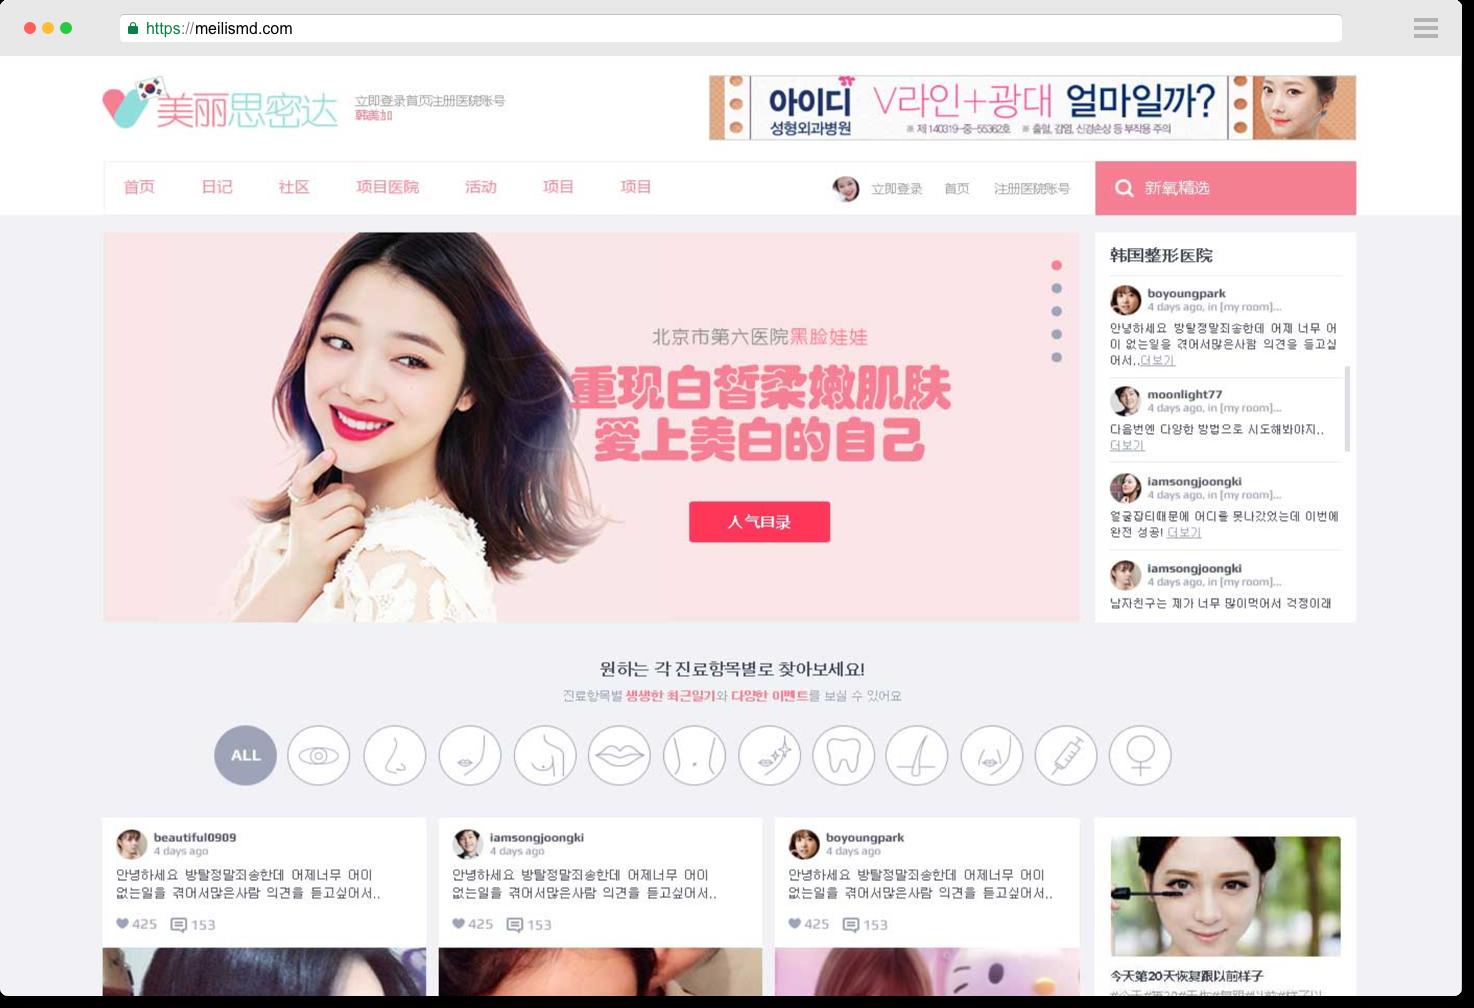 China beauty platform